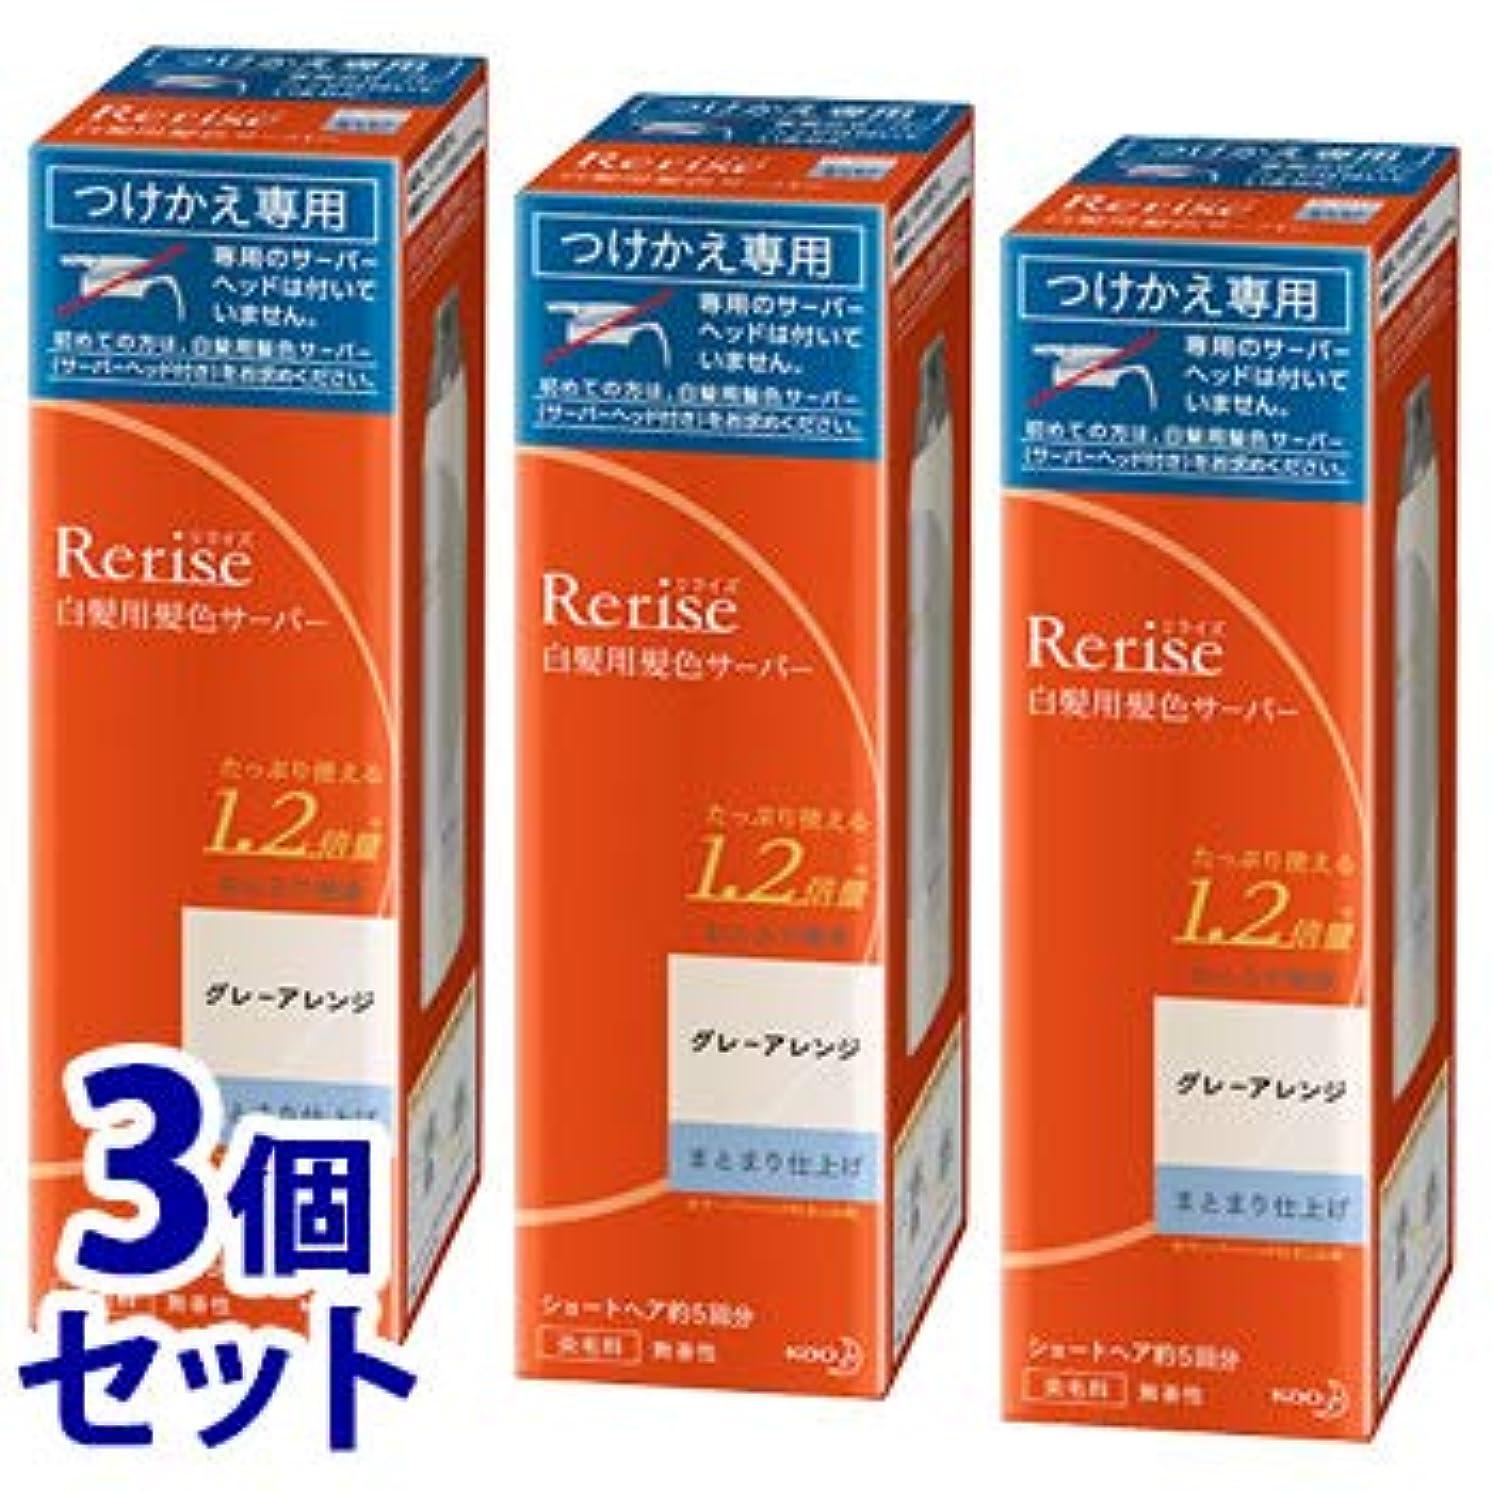 大事にするこれまで行列《セット販売》 花王 リライズ 白髪用髪色サーバー グレーアレンジ まとまり仕上げ つけかえ用 (190g)×3個セット 付け替え用 染毛料